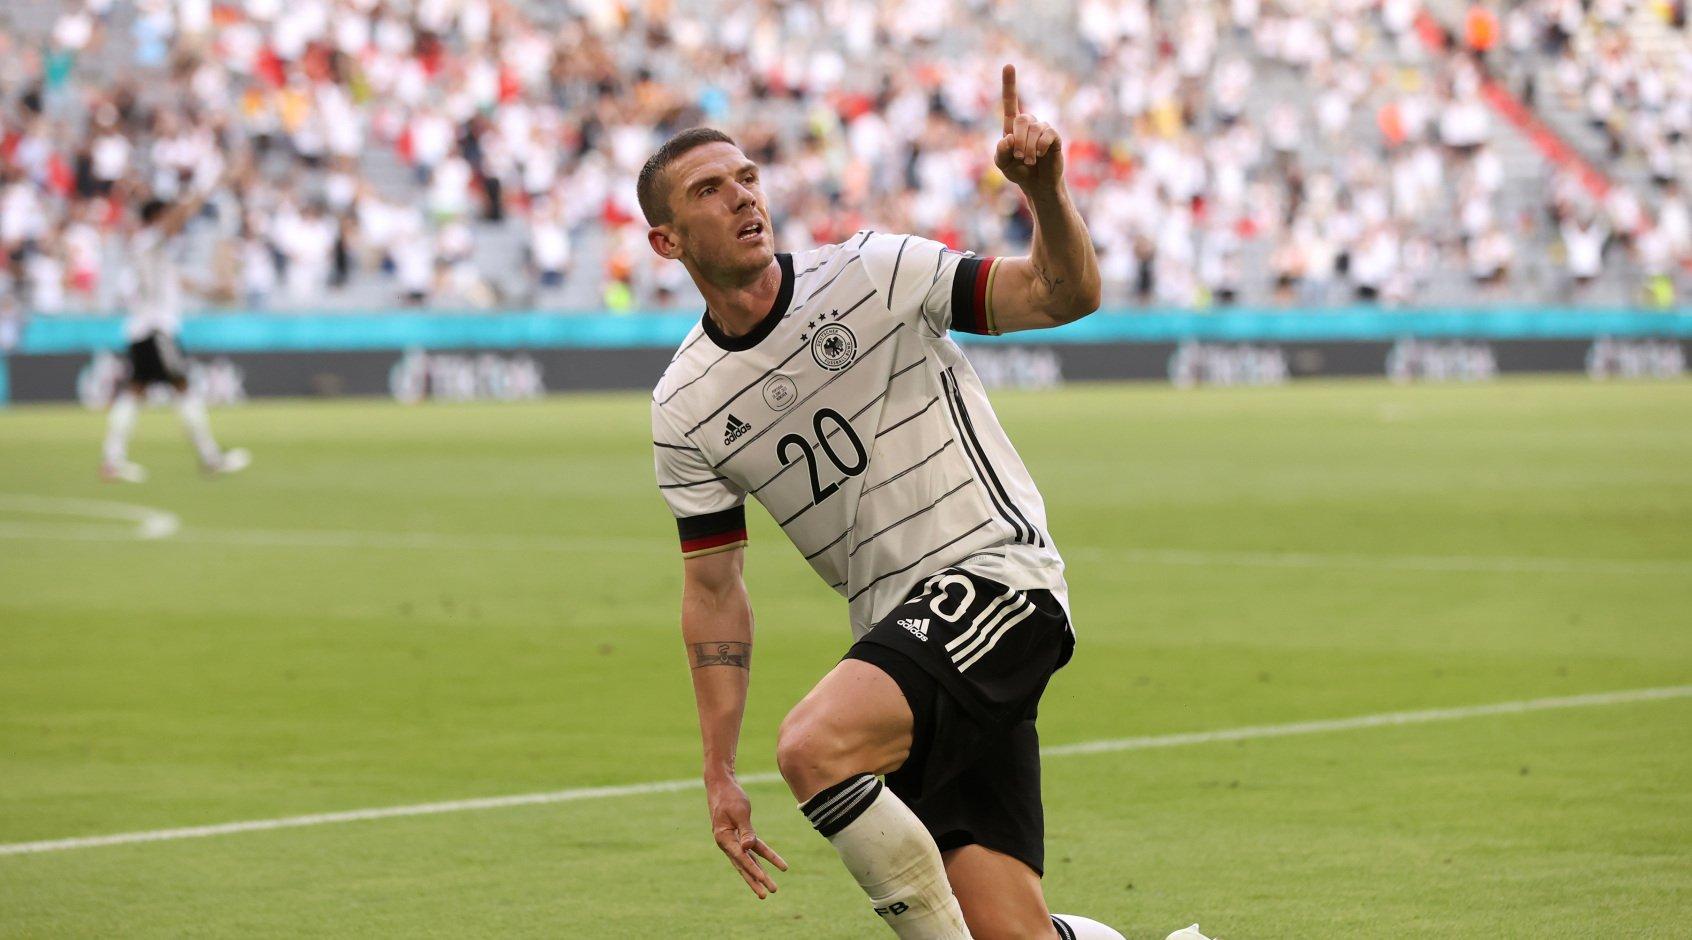 Робин Гозенс признан лучшим игроком матча Португалия - Германия